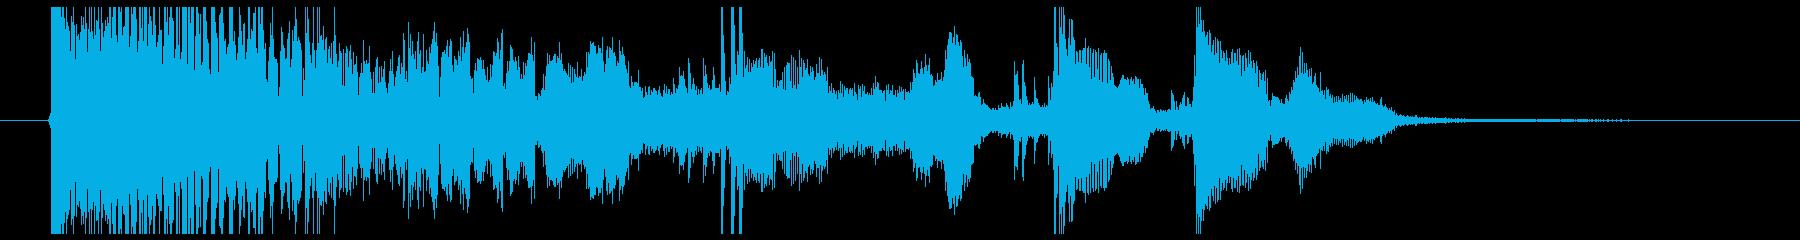 「Weekend Party」効果音の再生済みの波形